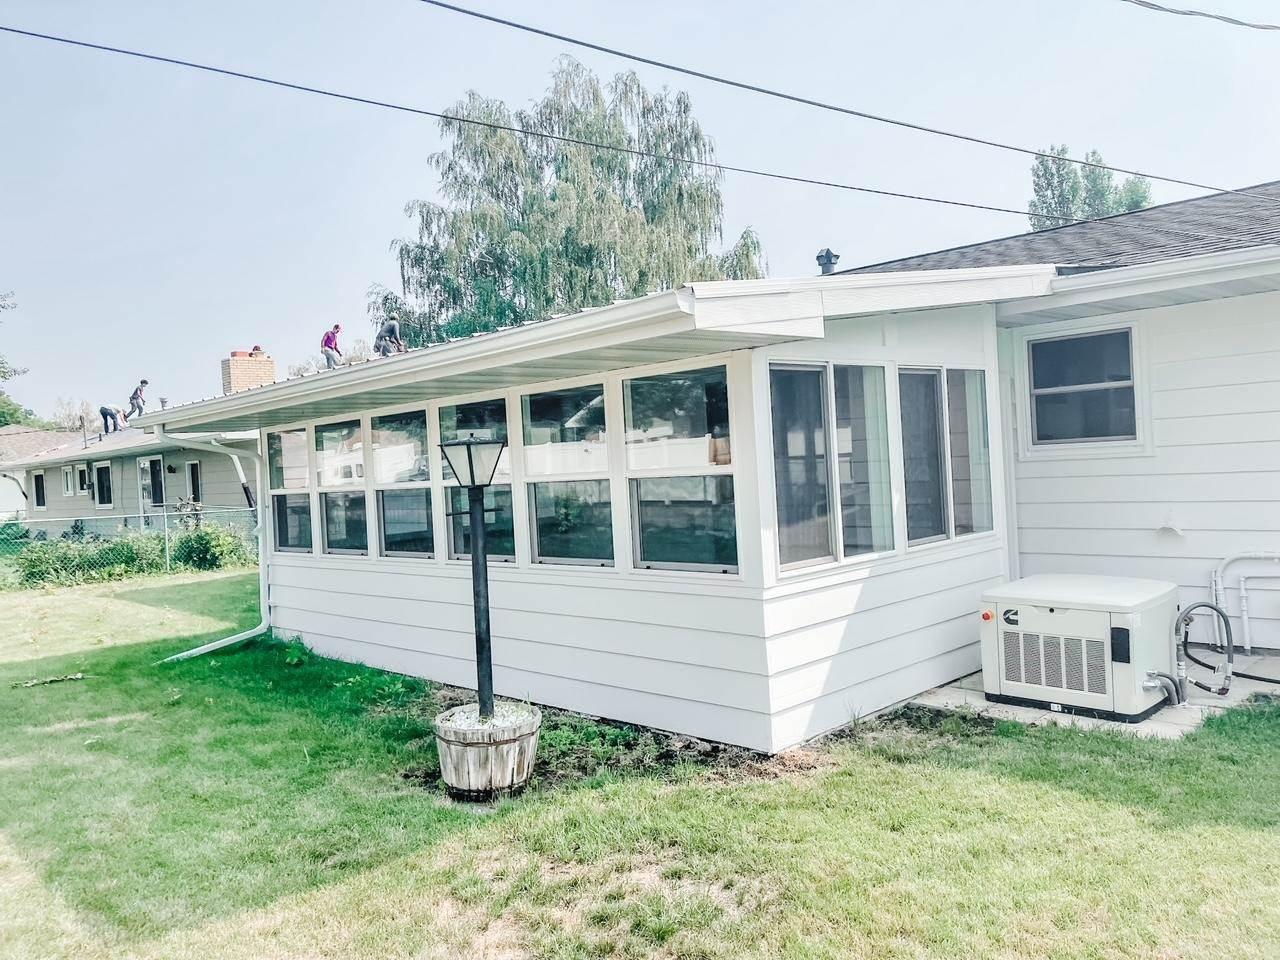 1209 Park Pl, Williston, ND 58801